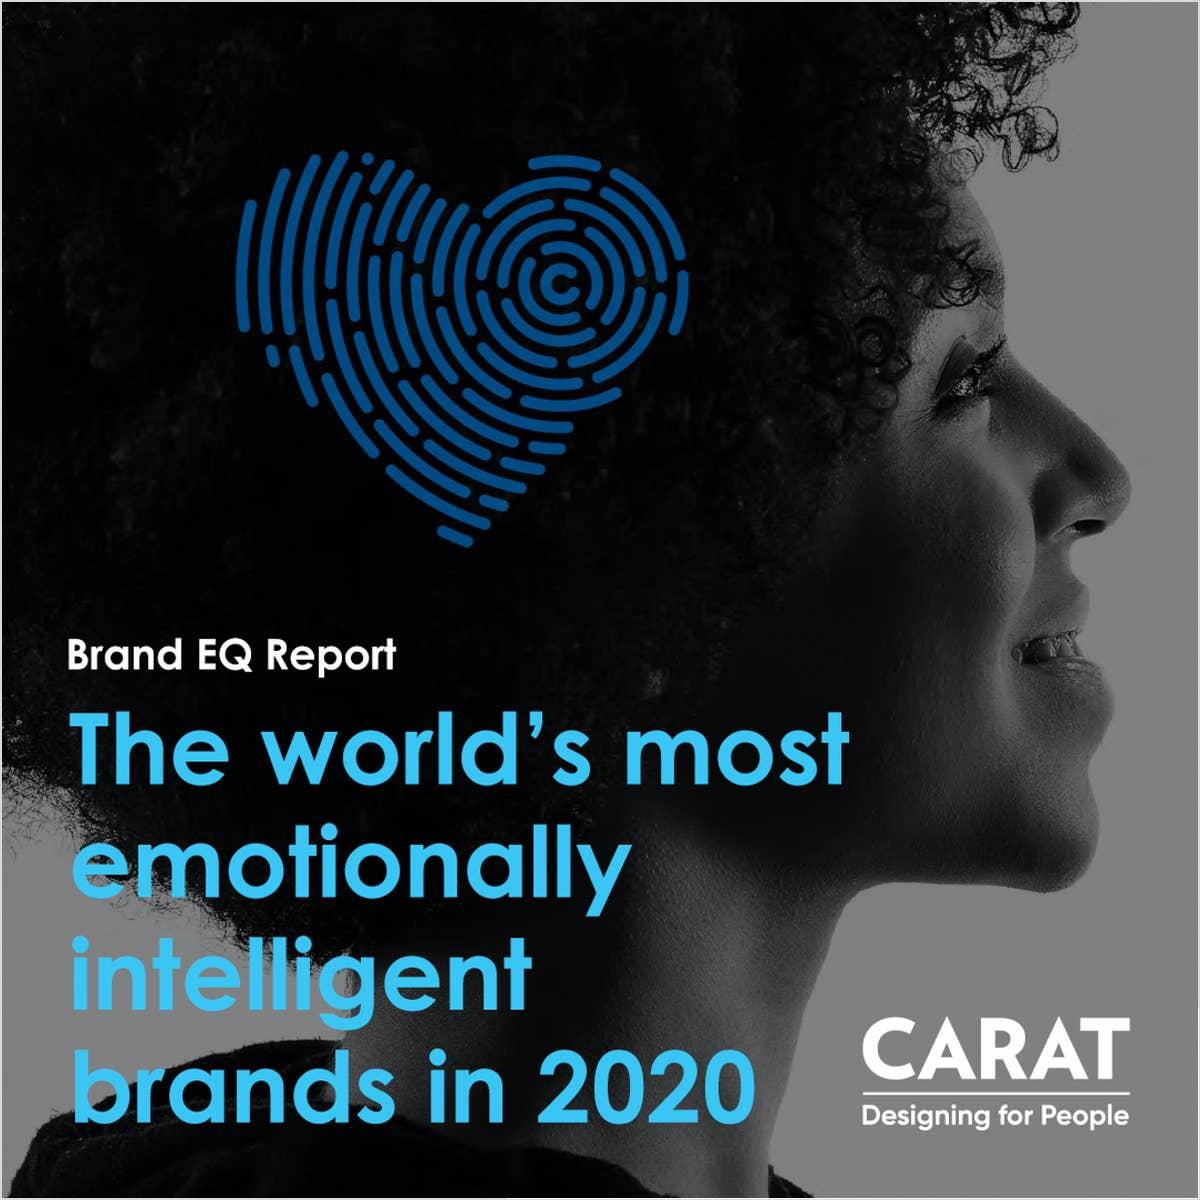 Carat Brand EQ Report  - 2020年 グローバルブランドに見るEQの動向